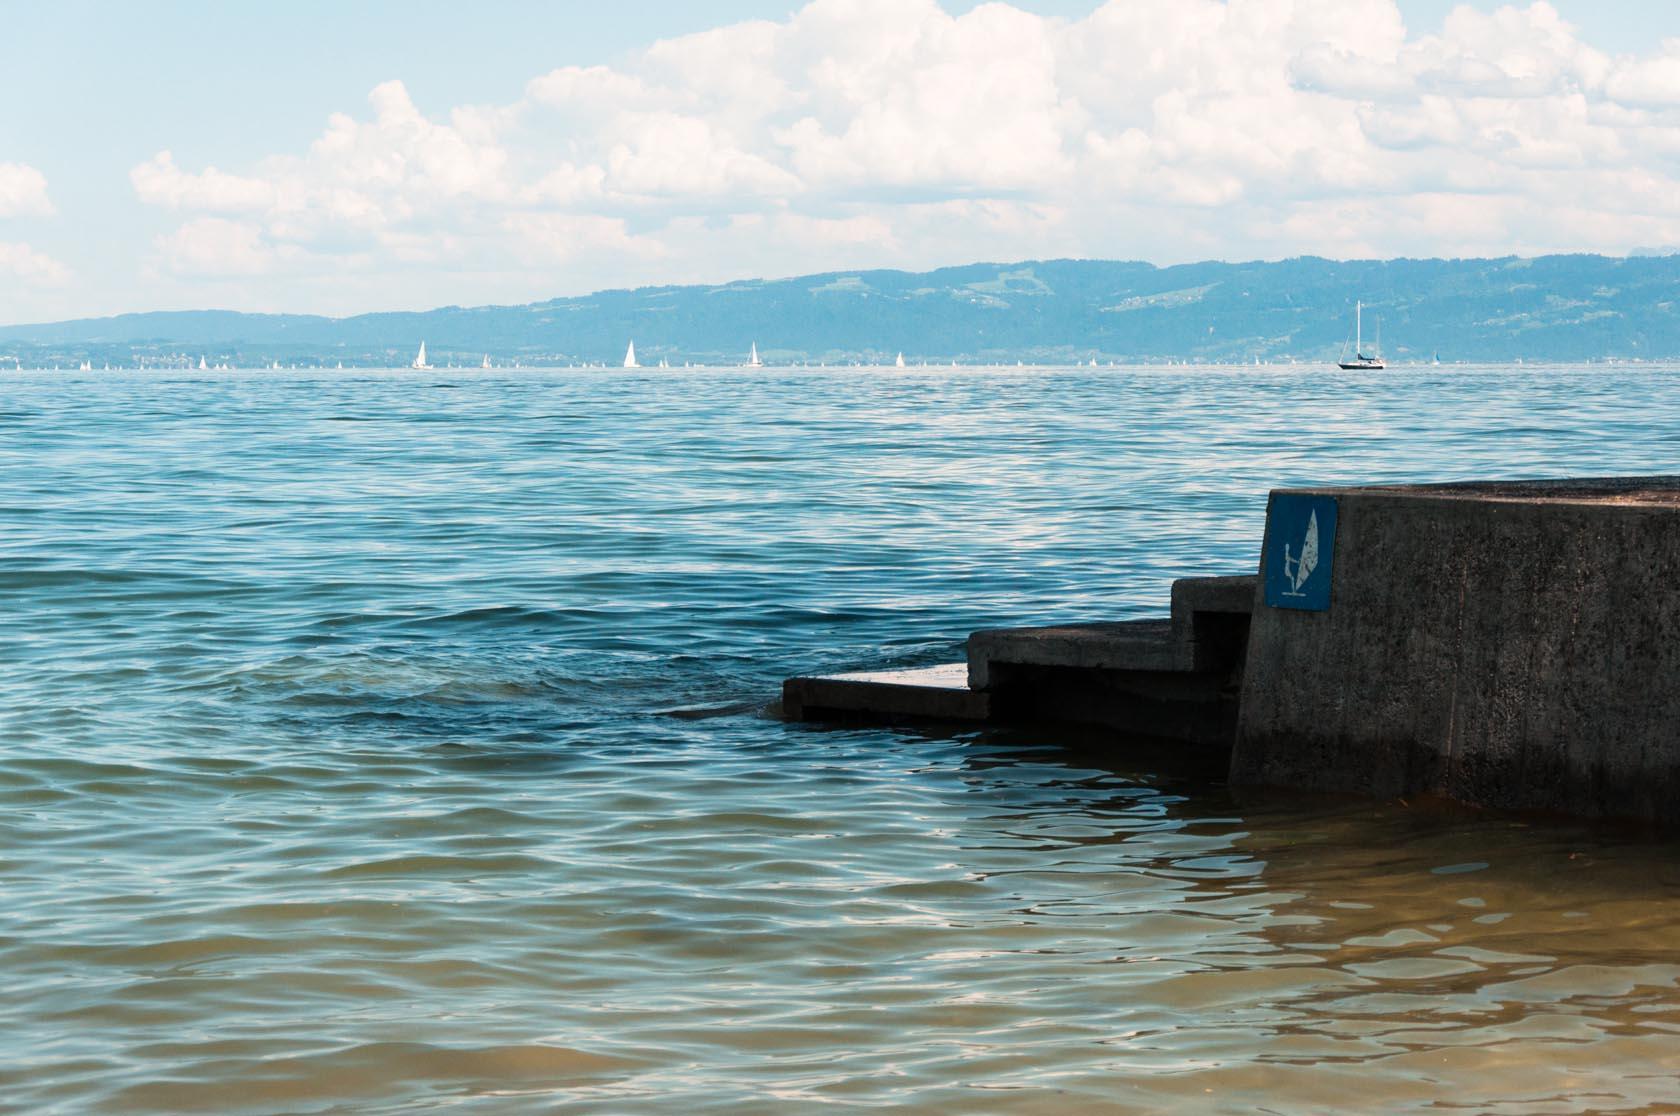 Площадка для виндсерфинга, Боденское озеро